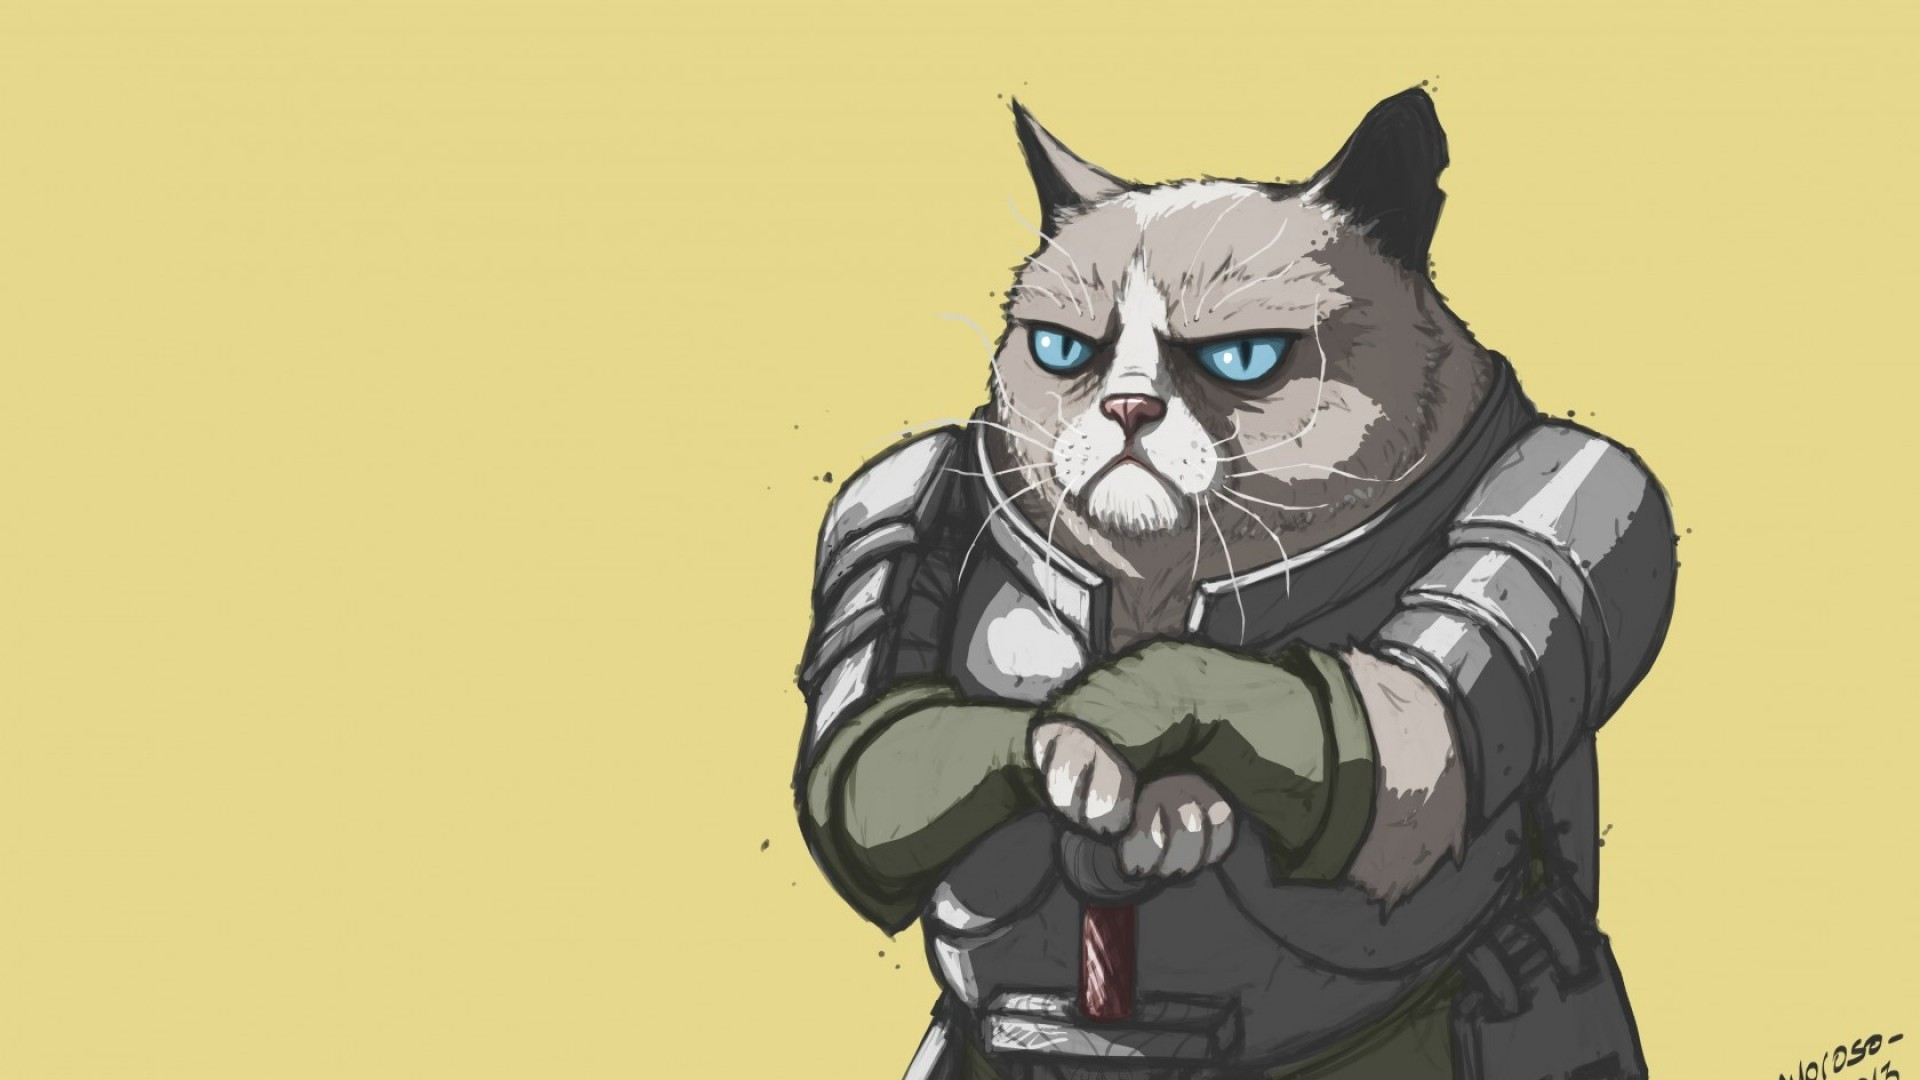 Preview wallpaper grumpy cat, armor, meme, popular 1920×1080